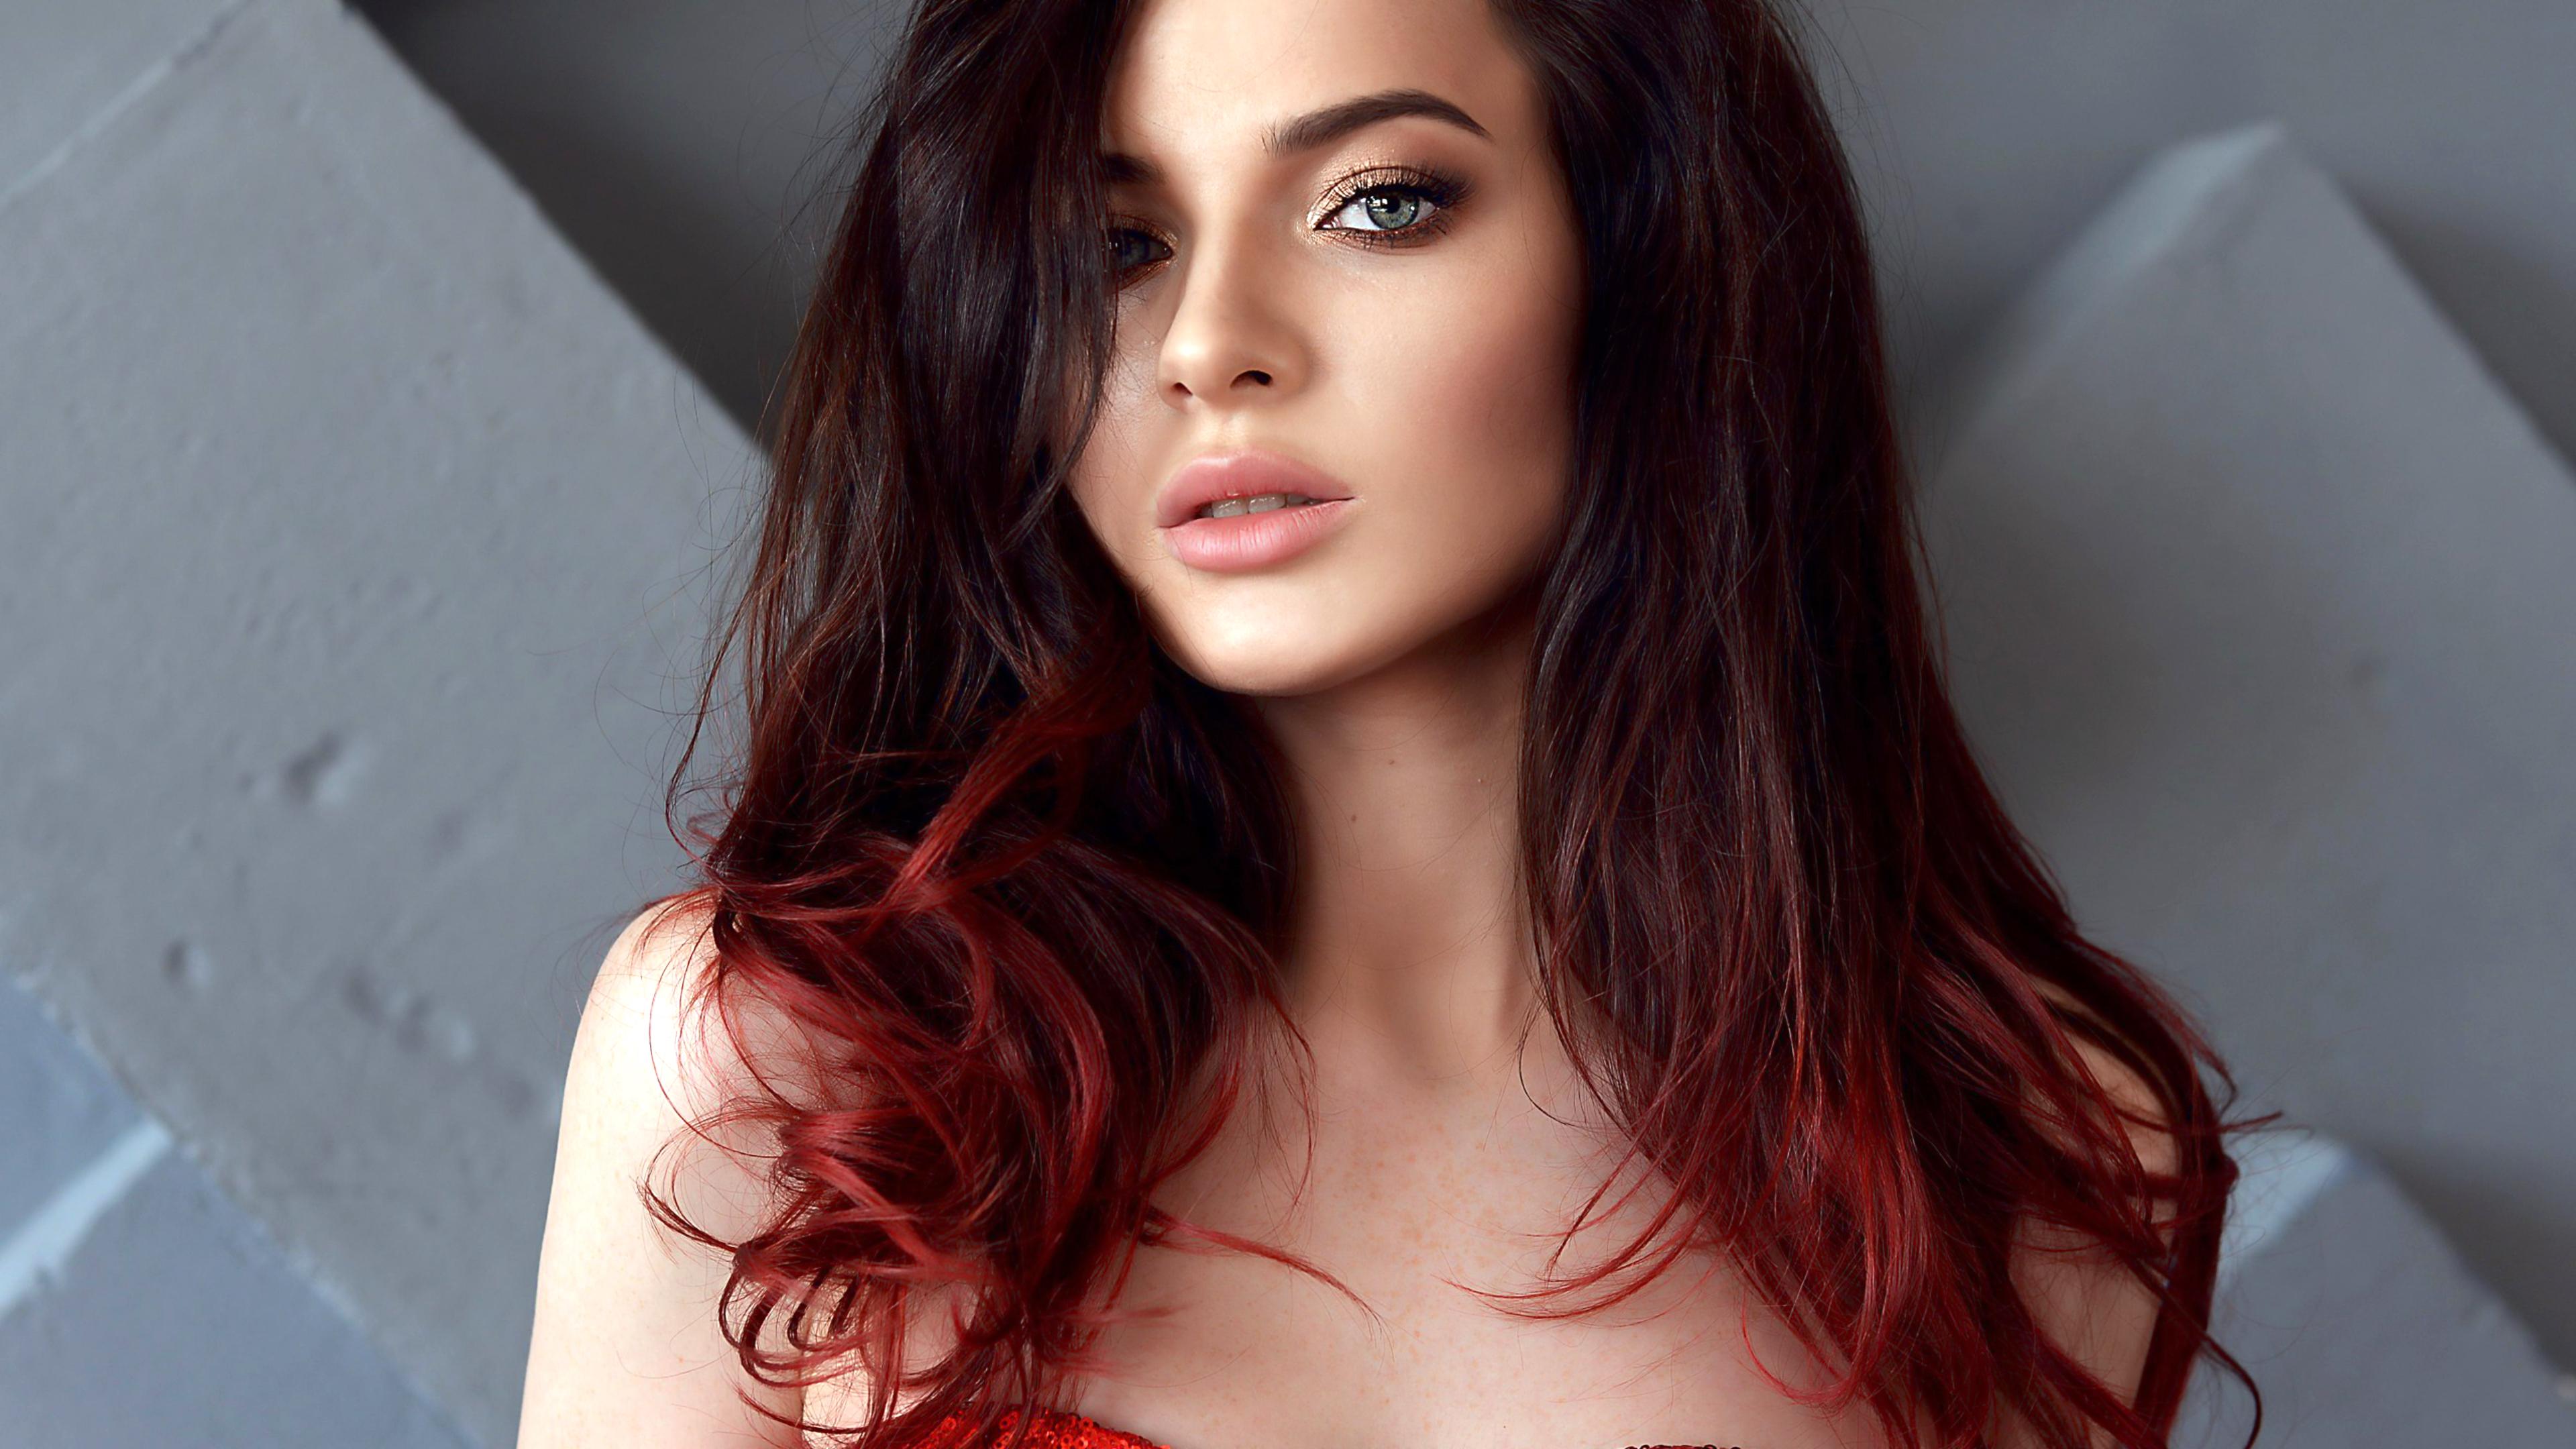 Download photo 1680x1050, model, pretty, babe, green eyes ...